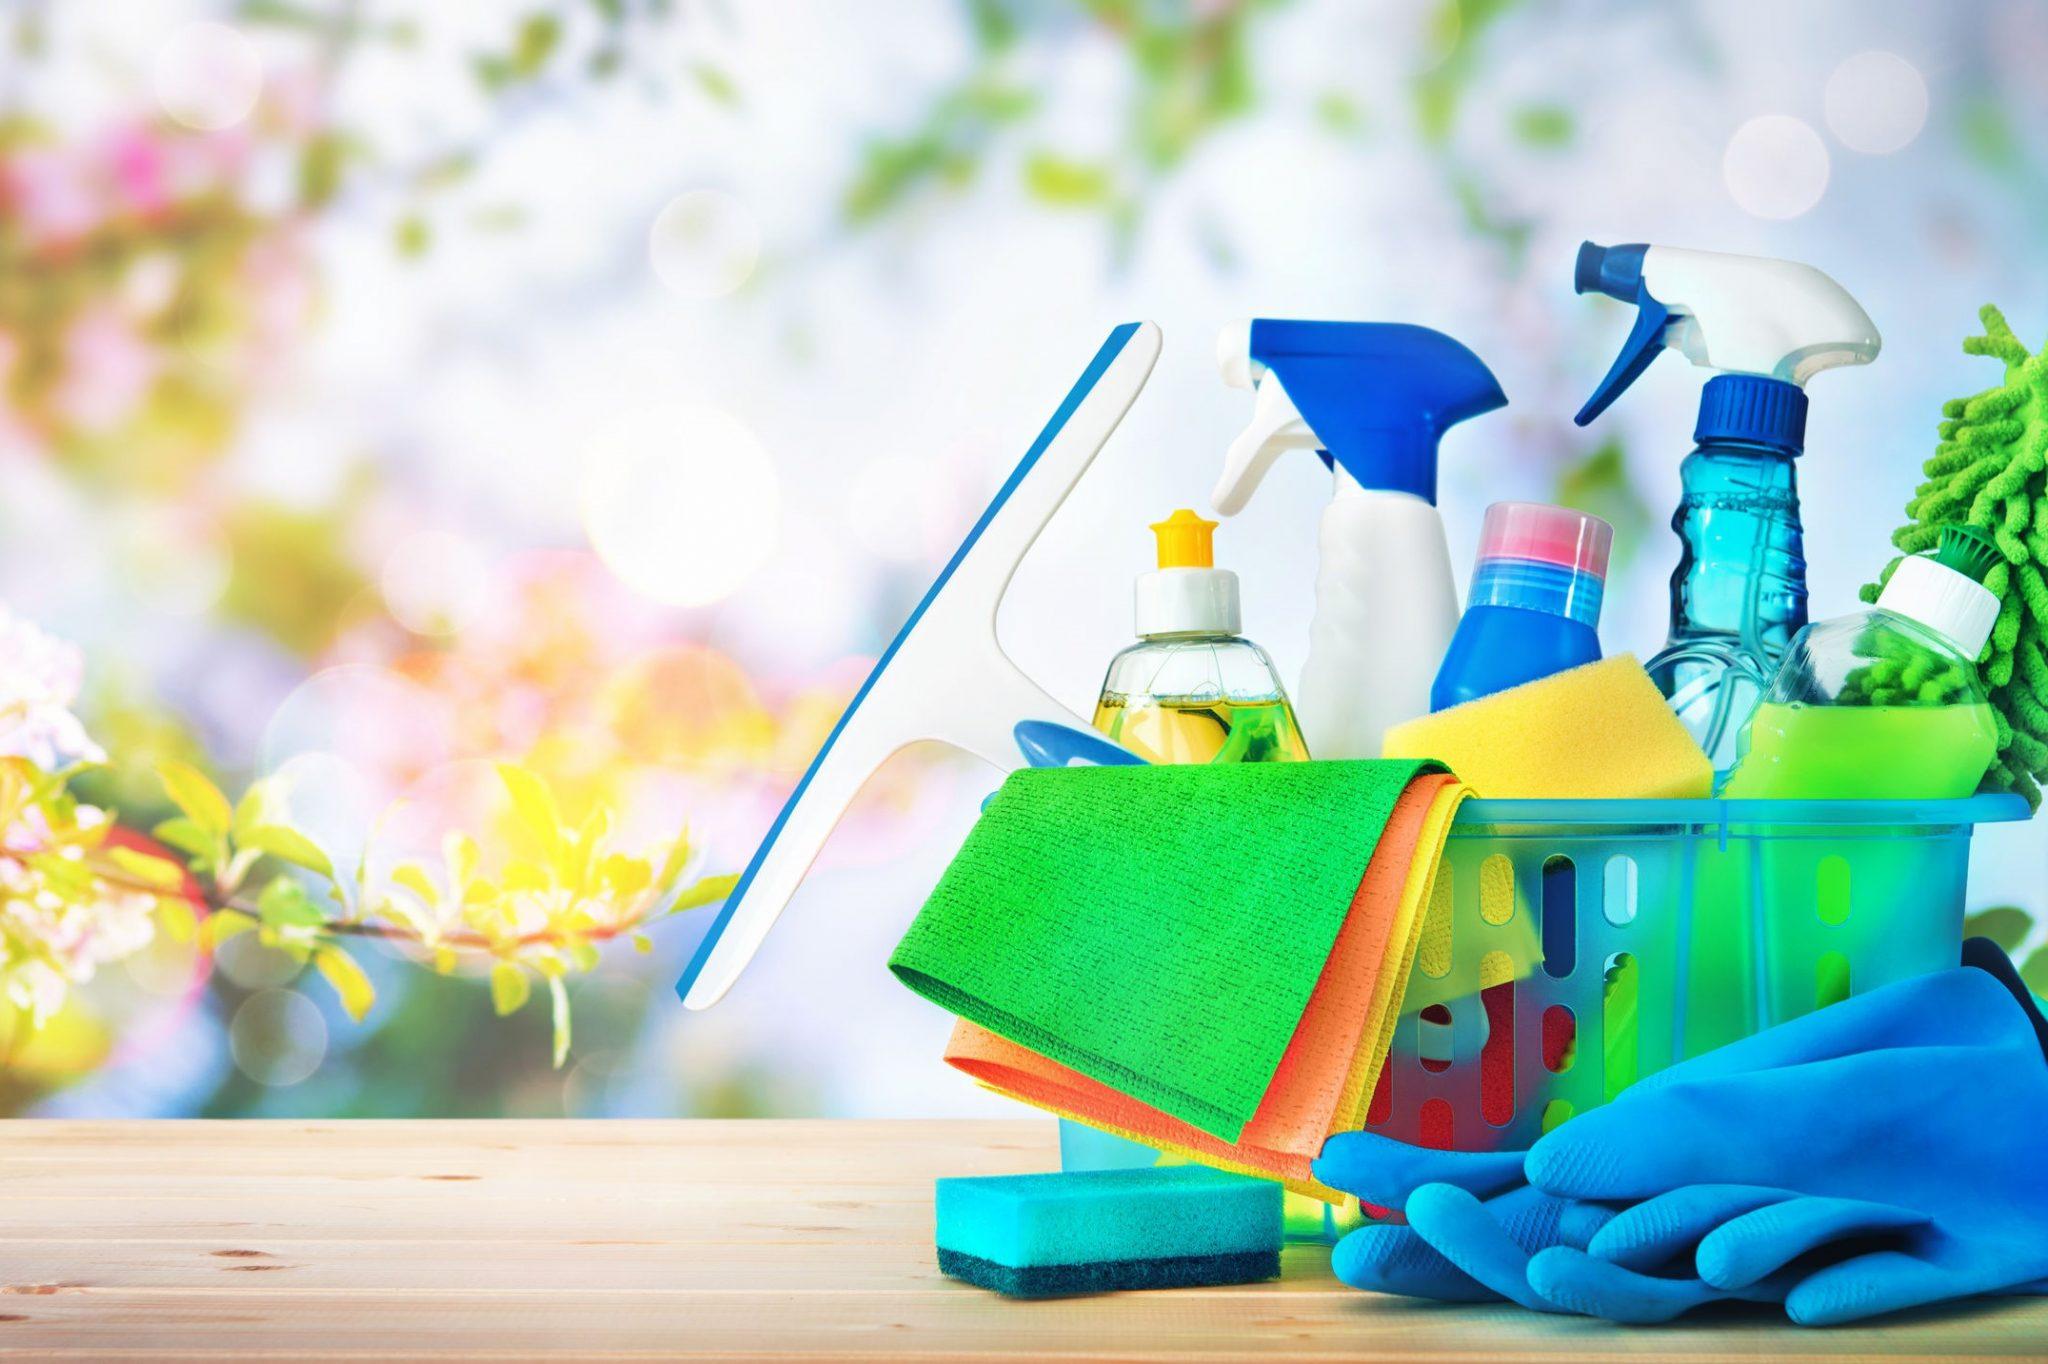 Zelf schoonmaakmiddel maken met natuurlijke ingrediënten; 6 recepten van badkamerreiniger tot allesreiniger met groene zeep of zonder parfum - Mamaliefde.nl